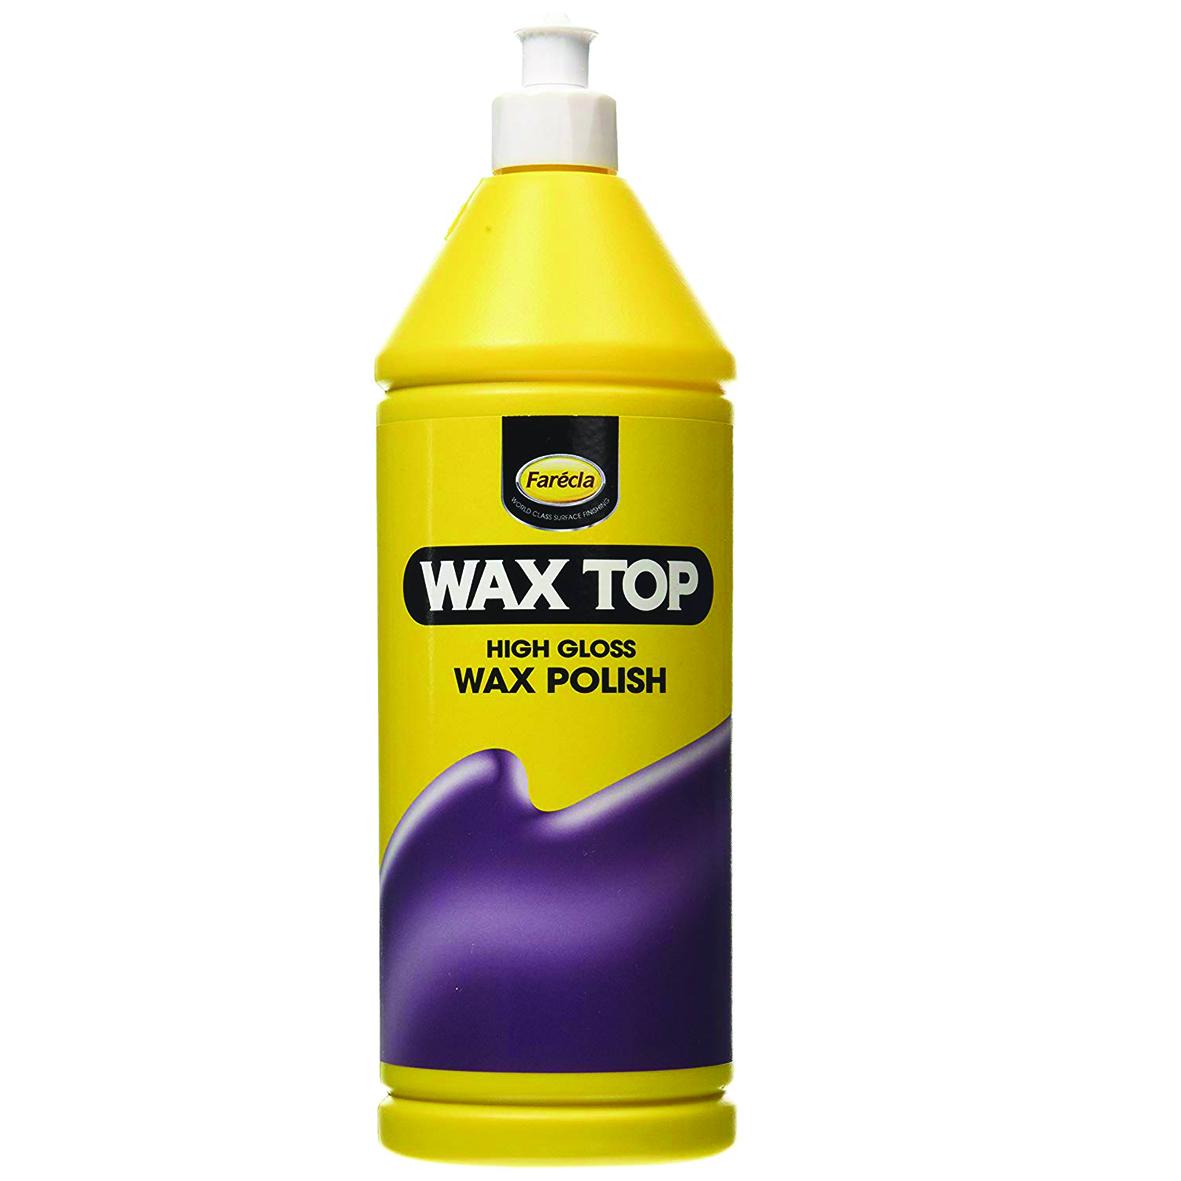 Wax Top – Wax Polish